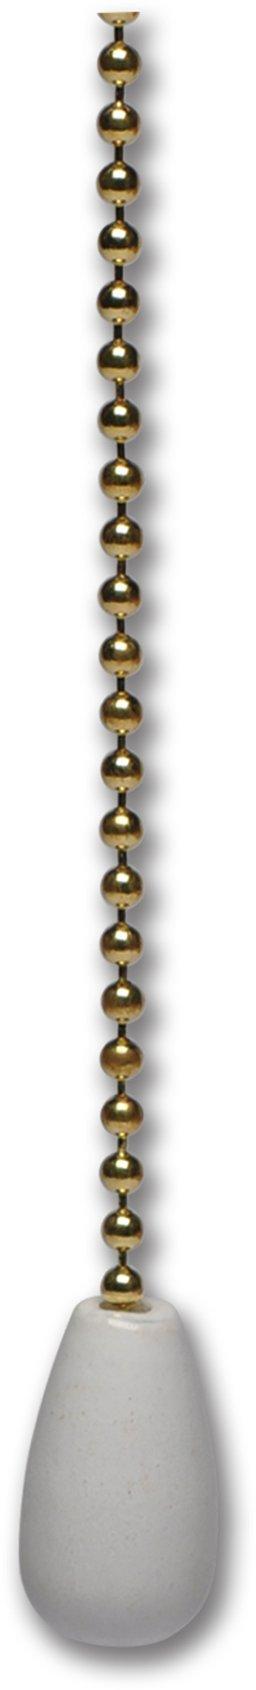 12'' White Wood Knob Pull Chain - 4/Pk